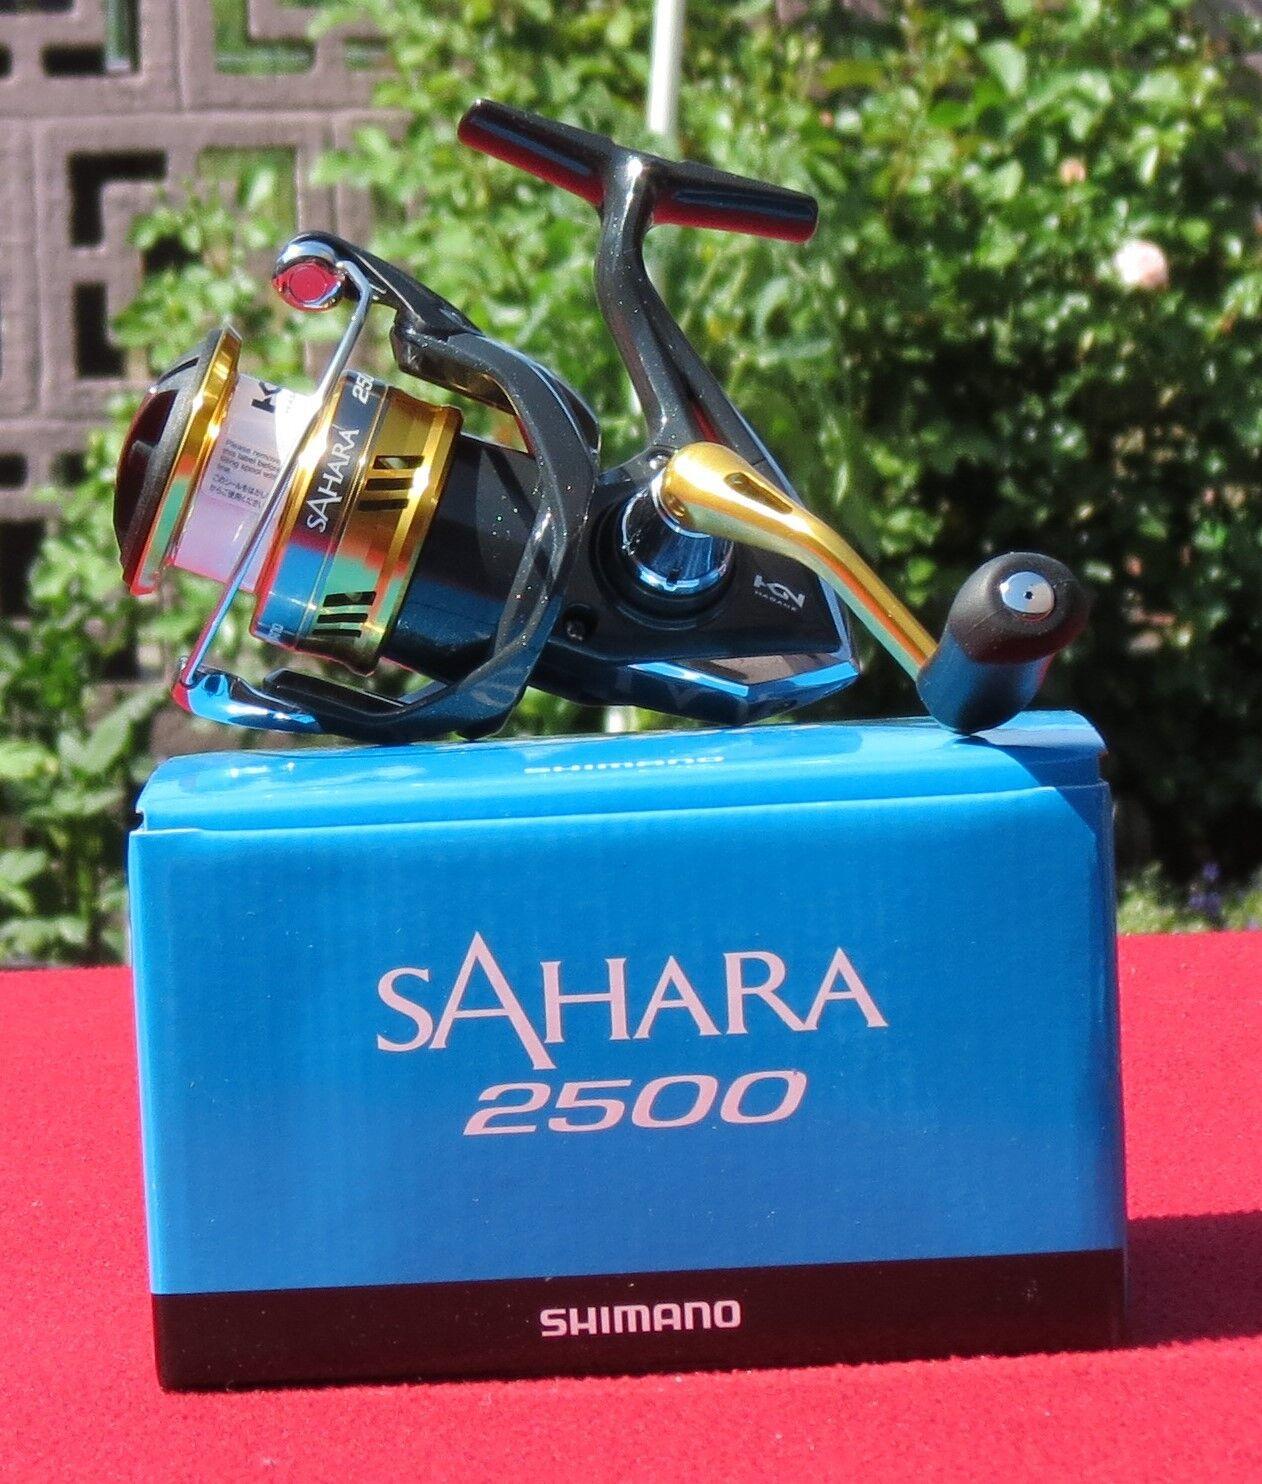 Moulinet shimano shimano shimano sahara 2500 fd 56566d